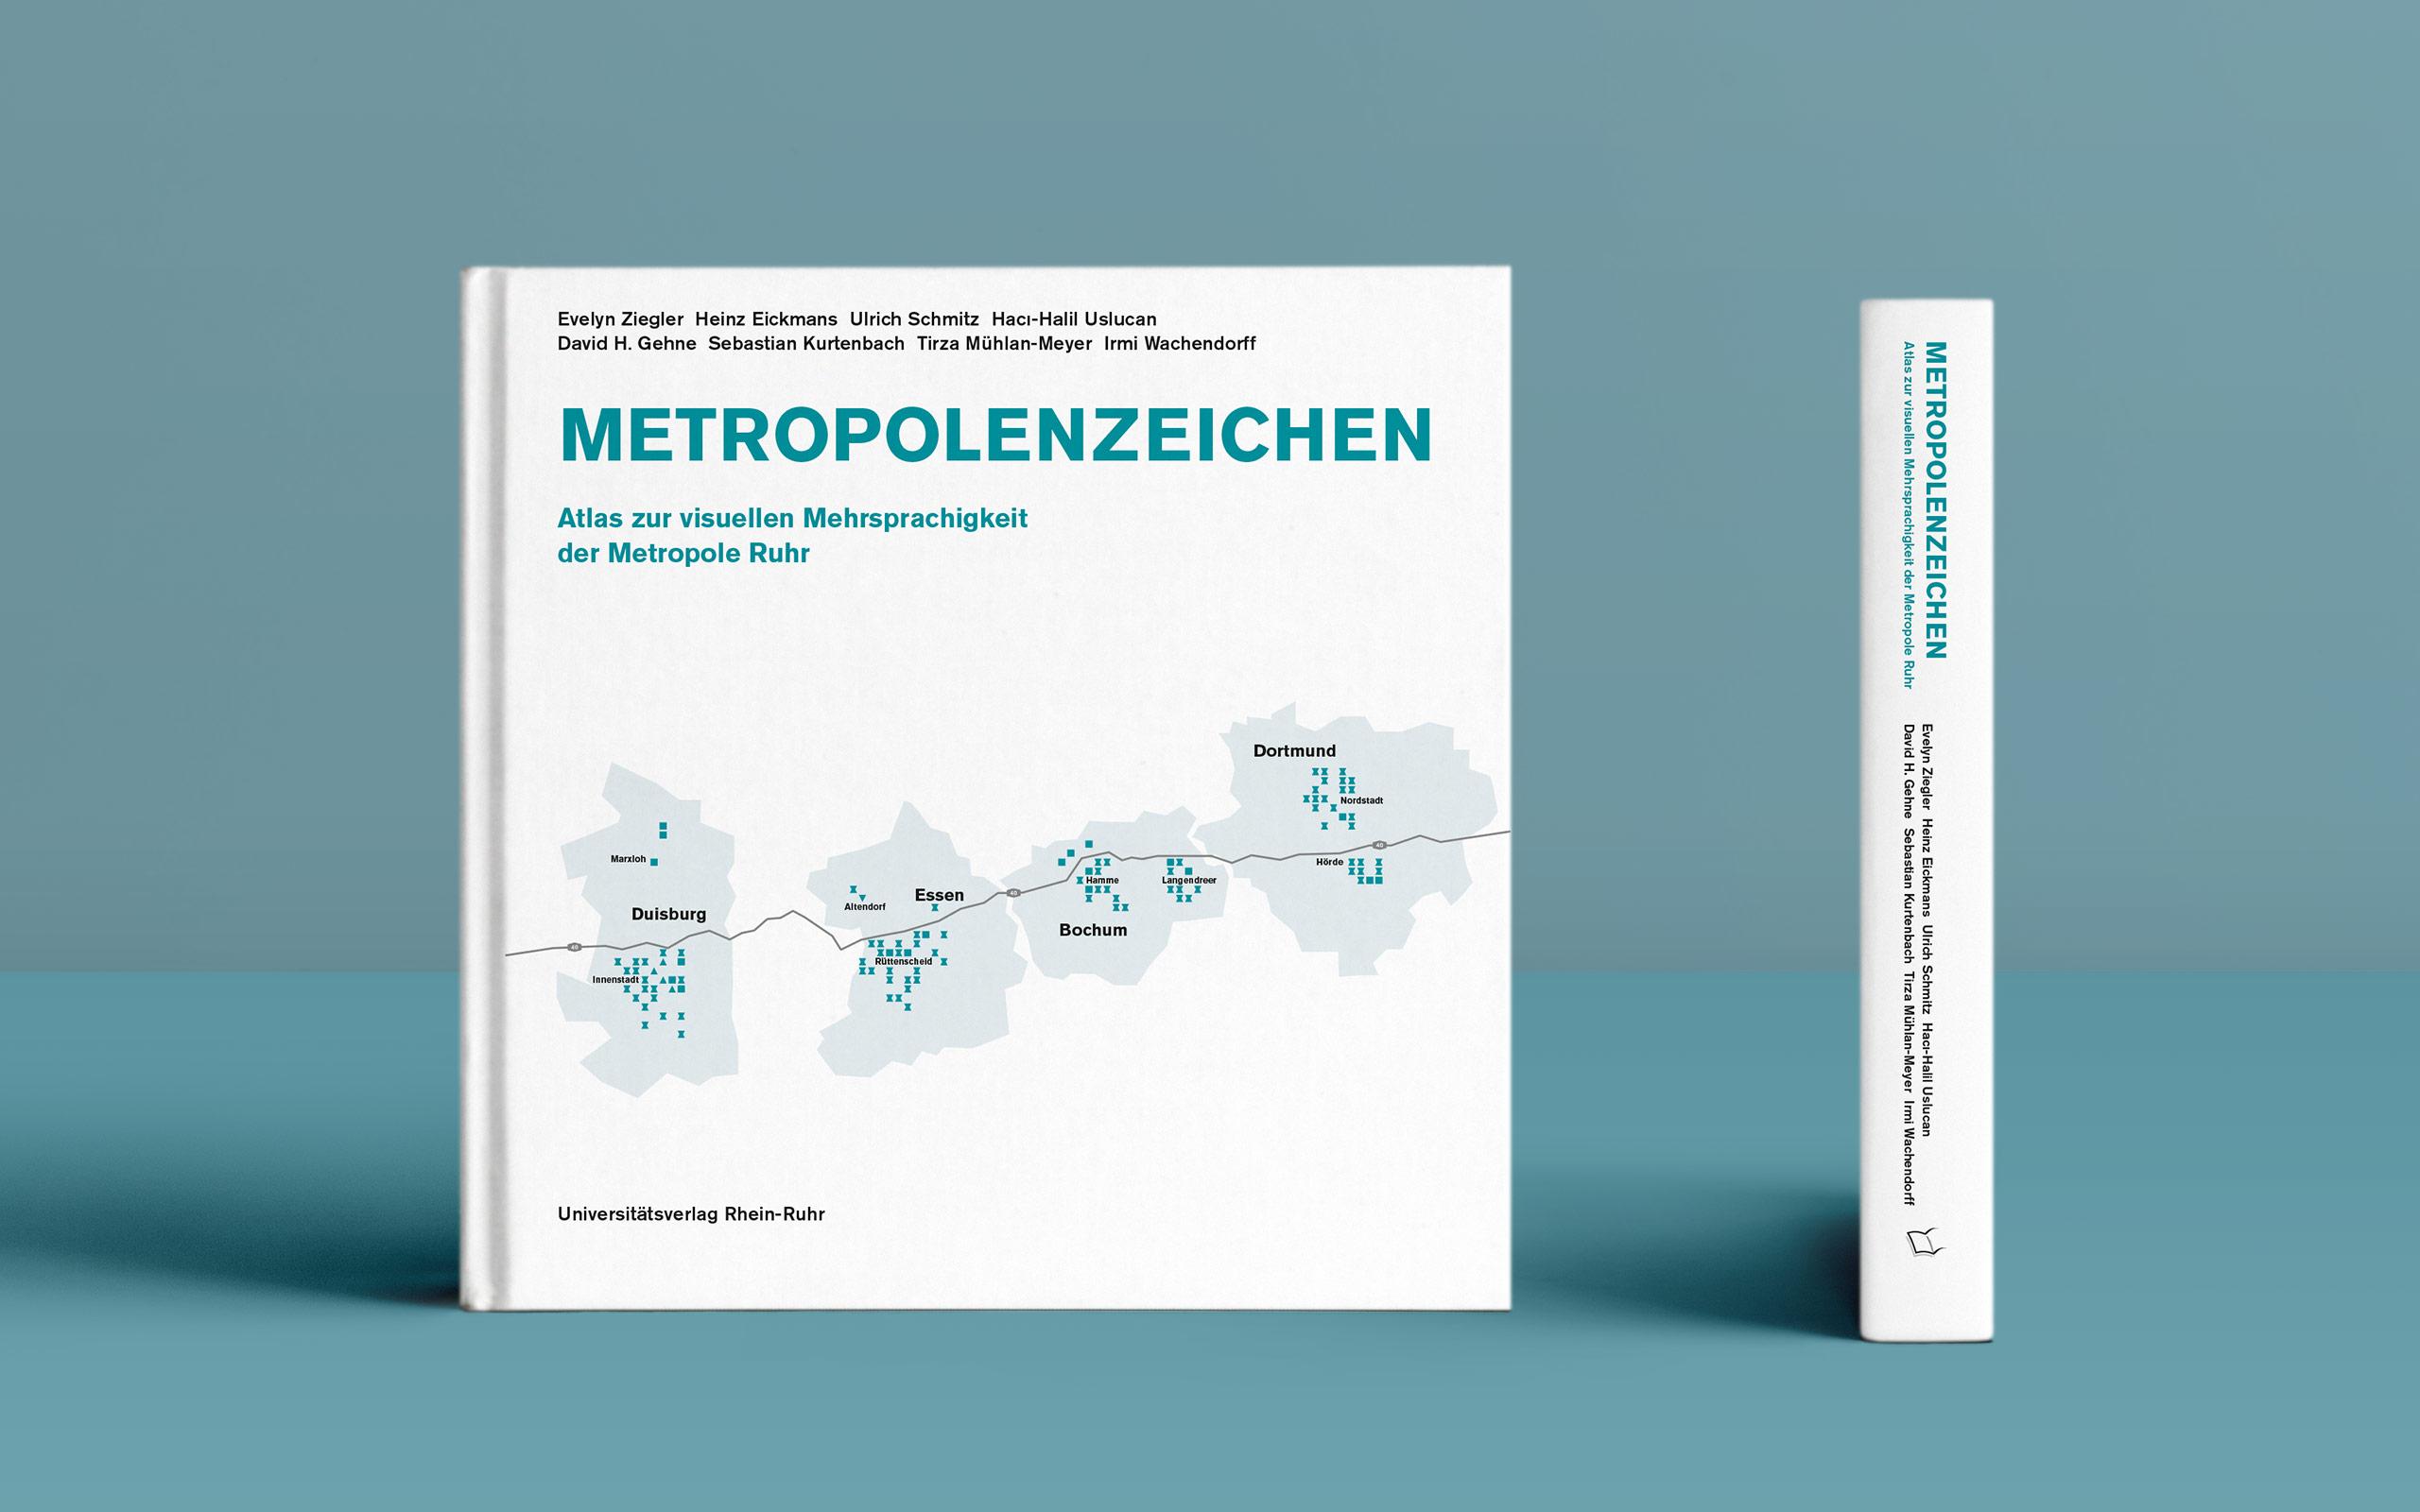 Metropolenzeichen